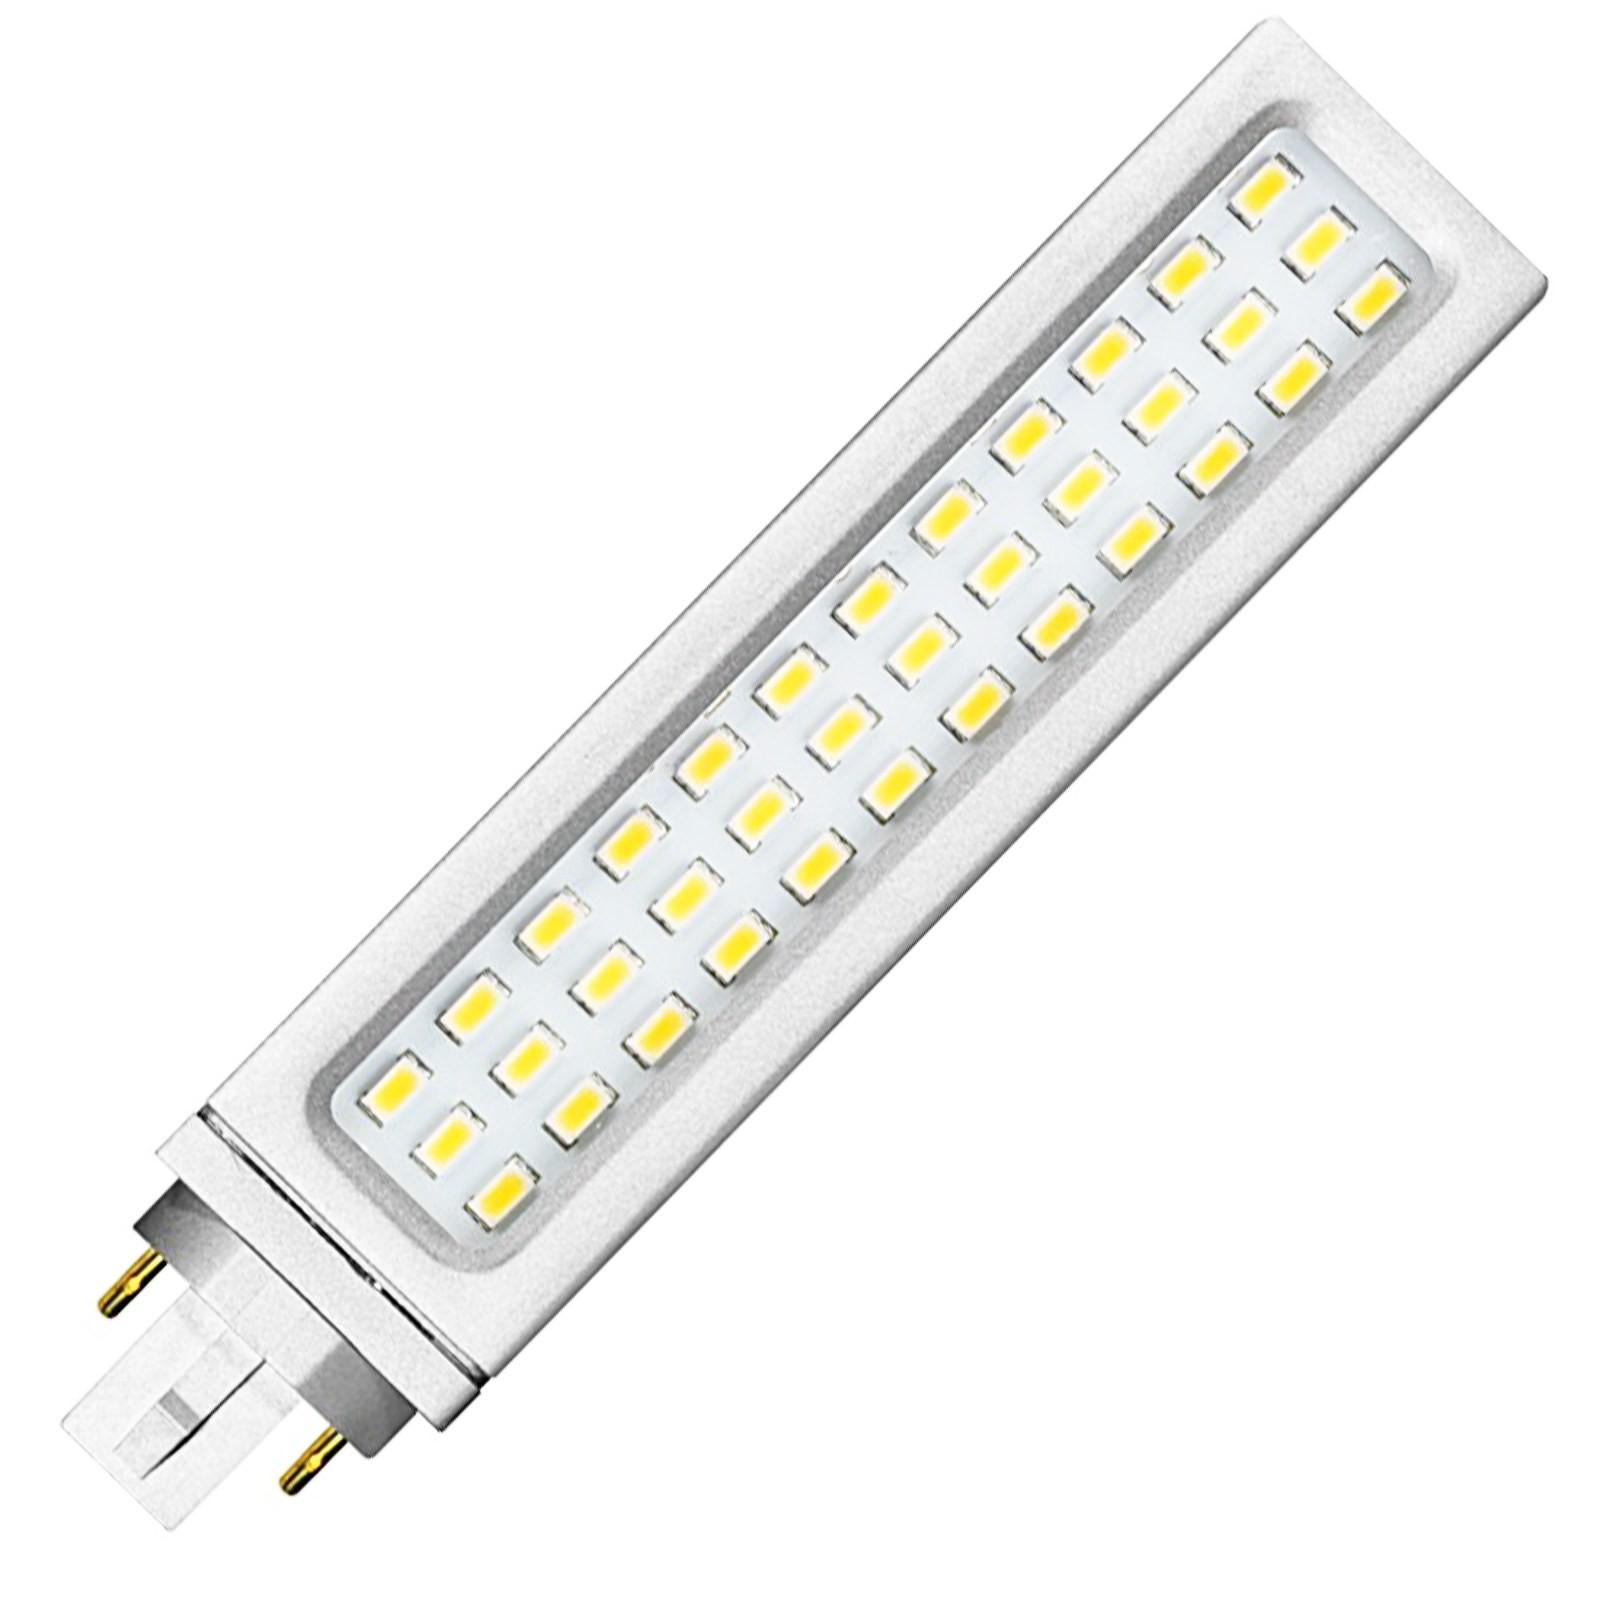 Lampada lampadina led smd 12 watt life plc luce bianca for Lampadine faretti led luce calda